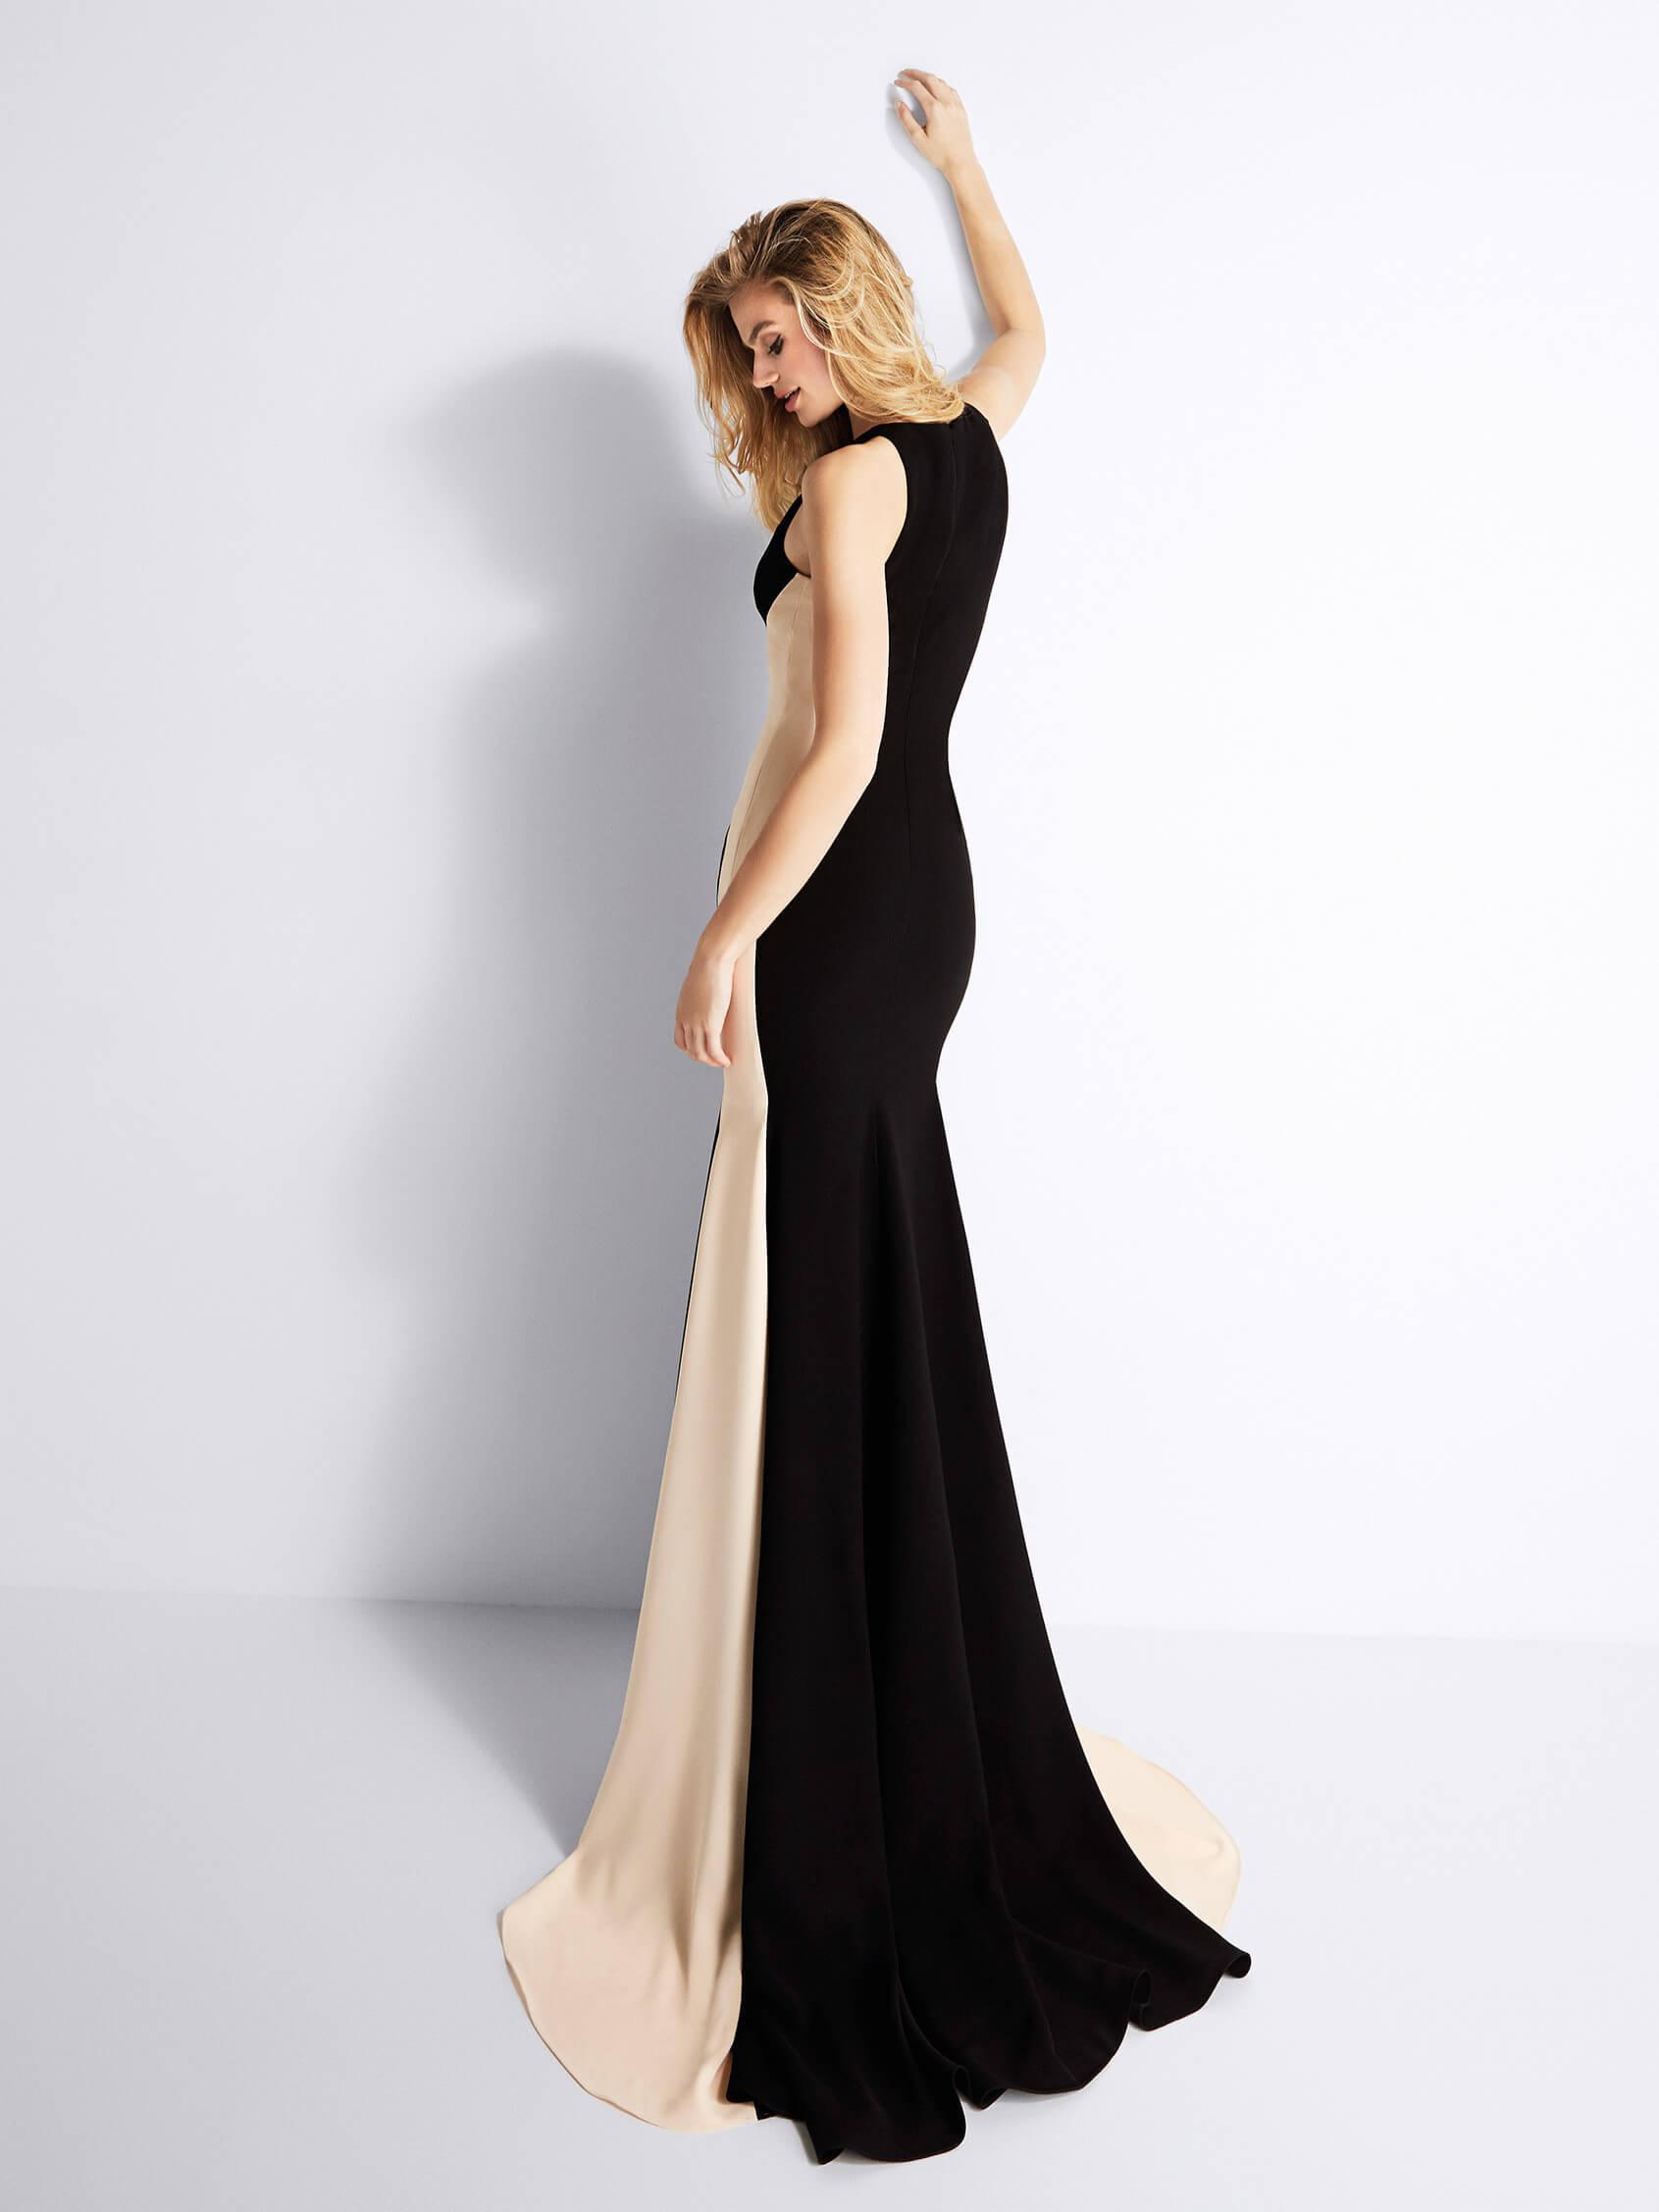 dolga_elegantna_vecerna_oprijeta_crna-obleka